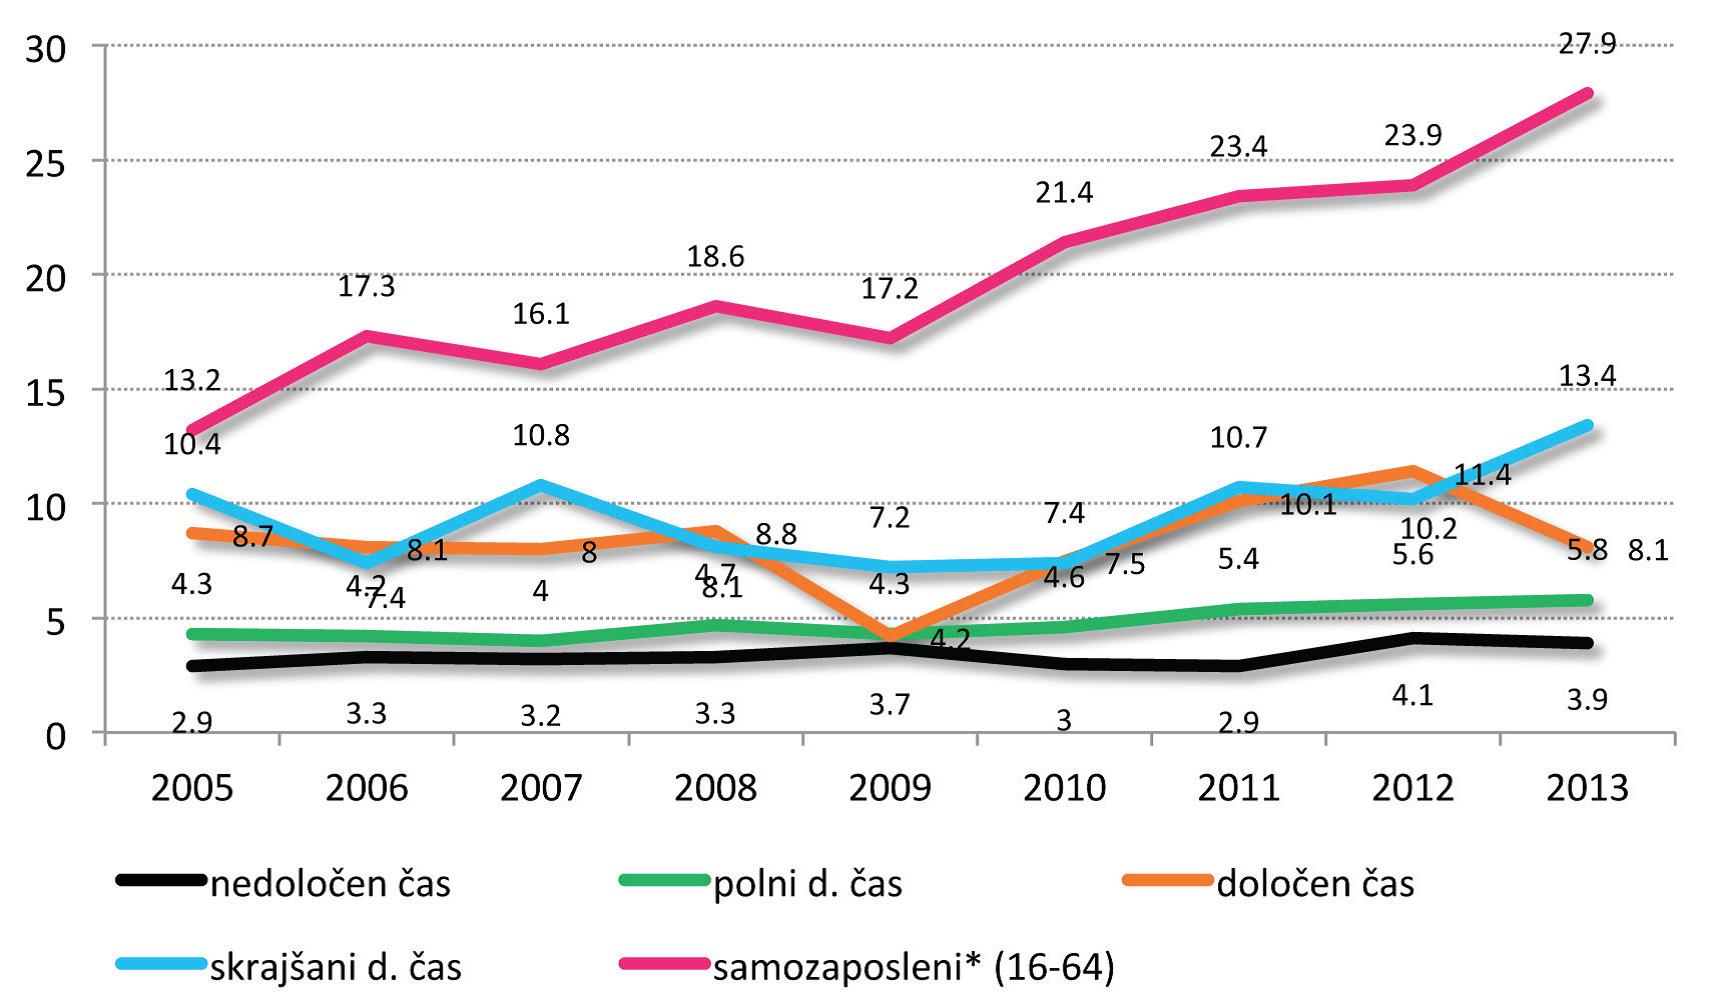 stopnje-tveganja-revscine-za-dolocene-oblike-zaposlitve2005-2013